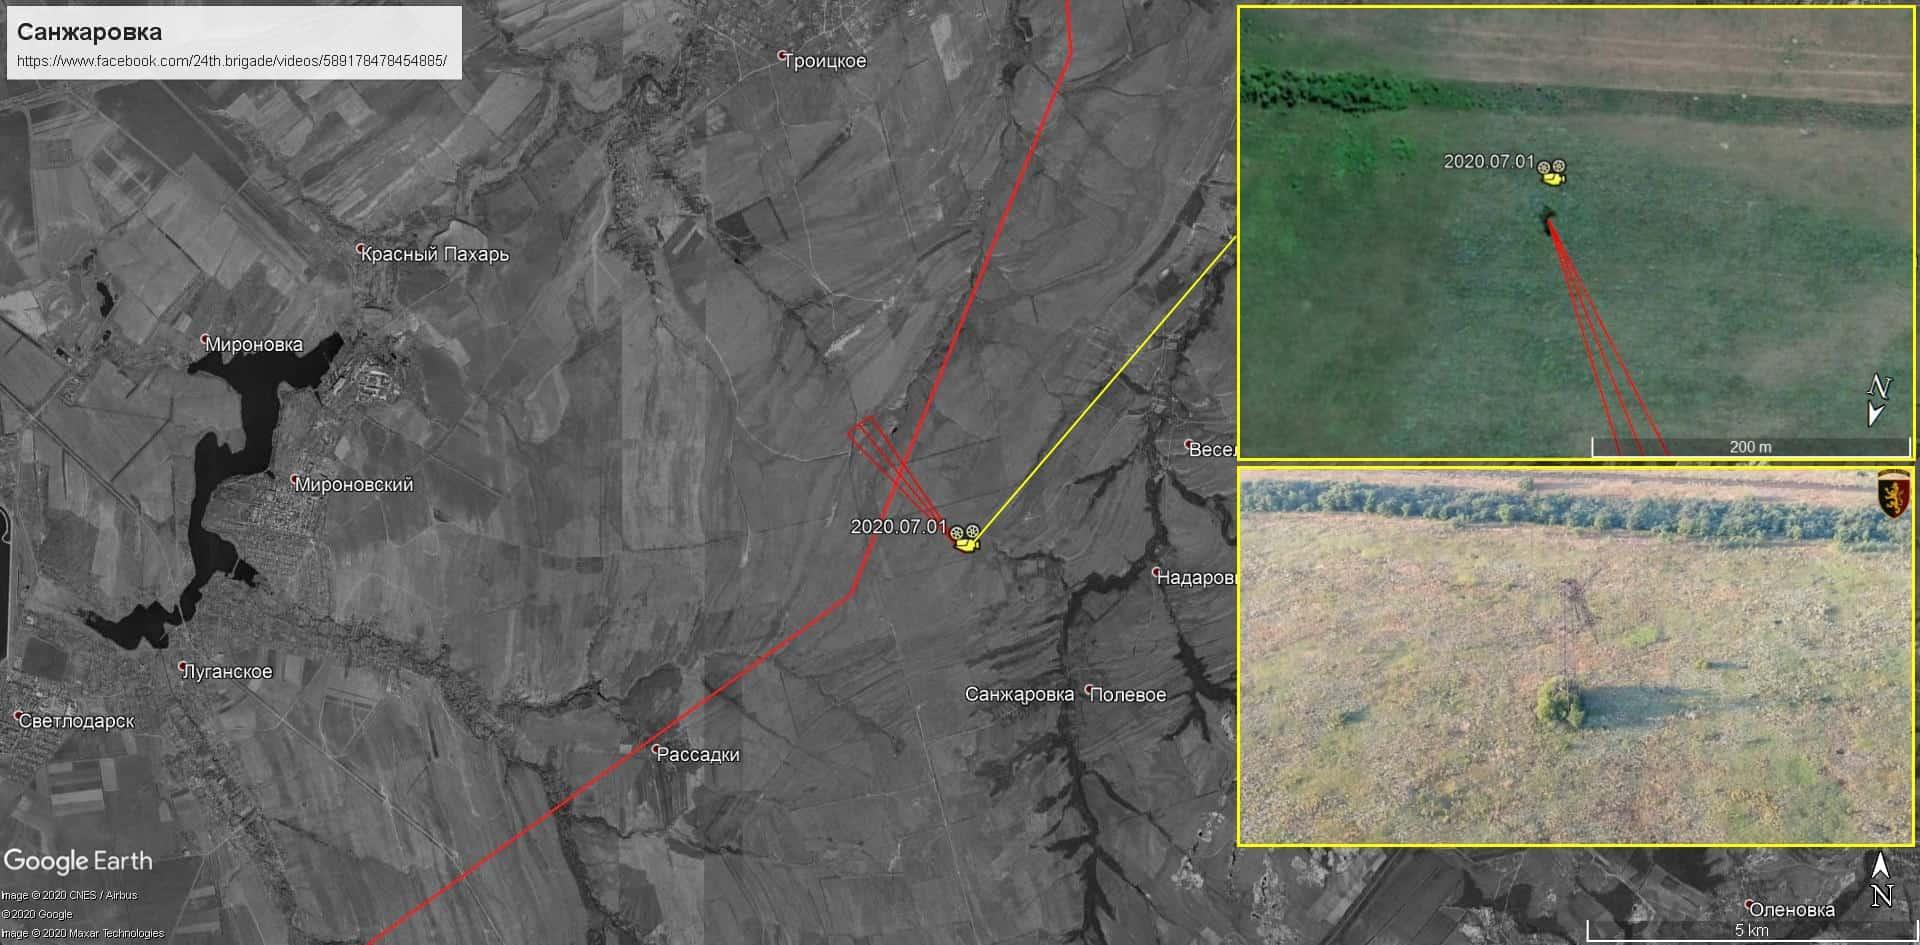 Місце знищення системи відеоспостереження 24 бригадою